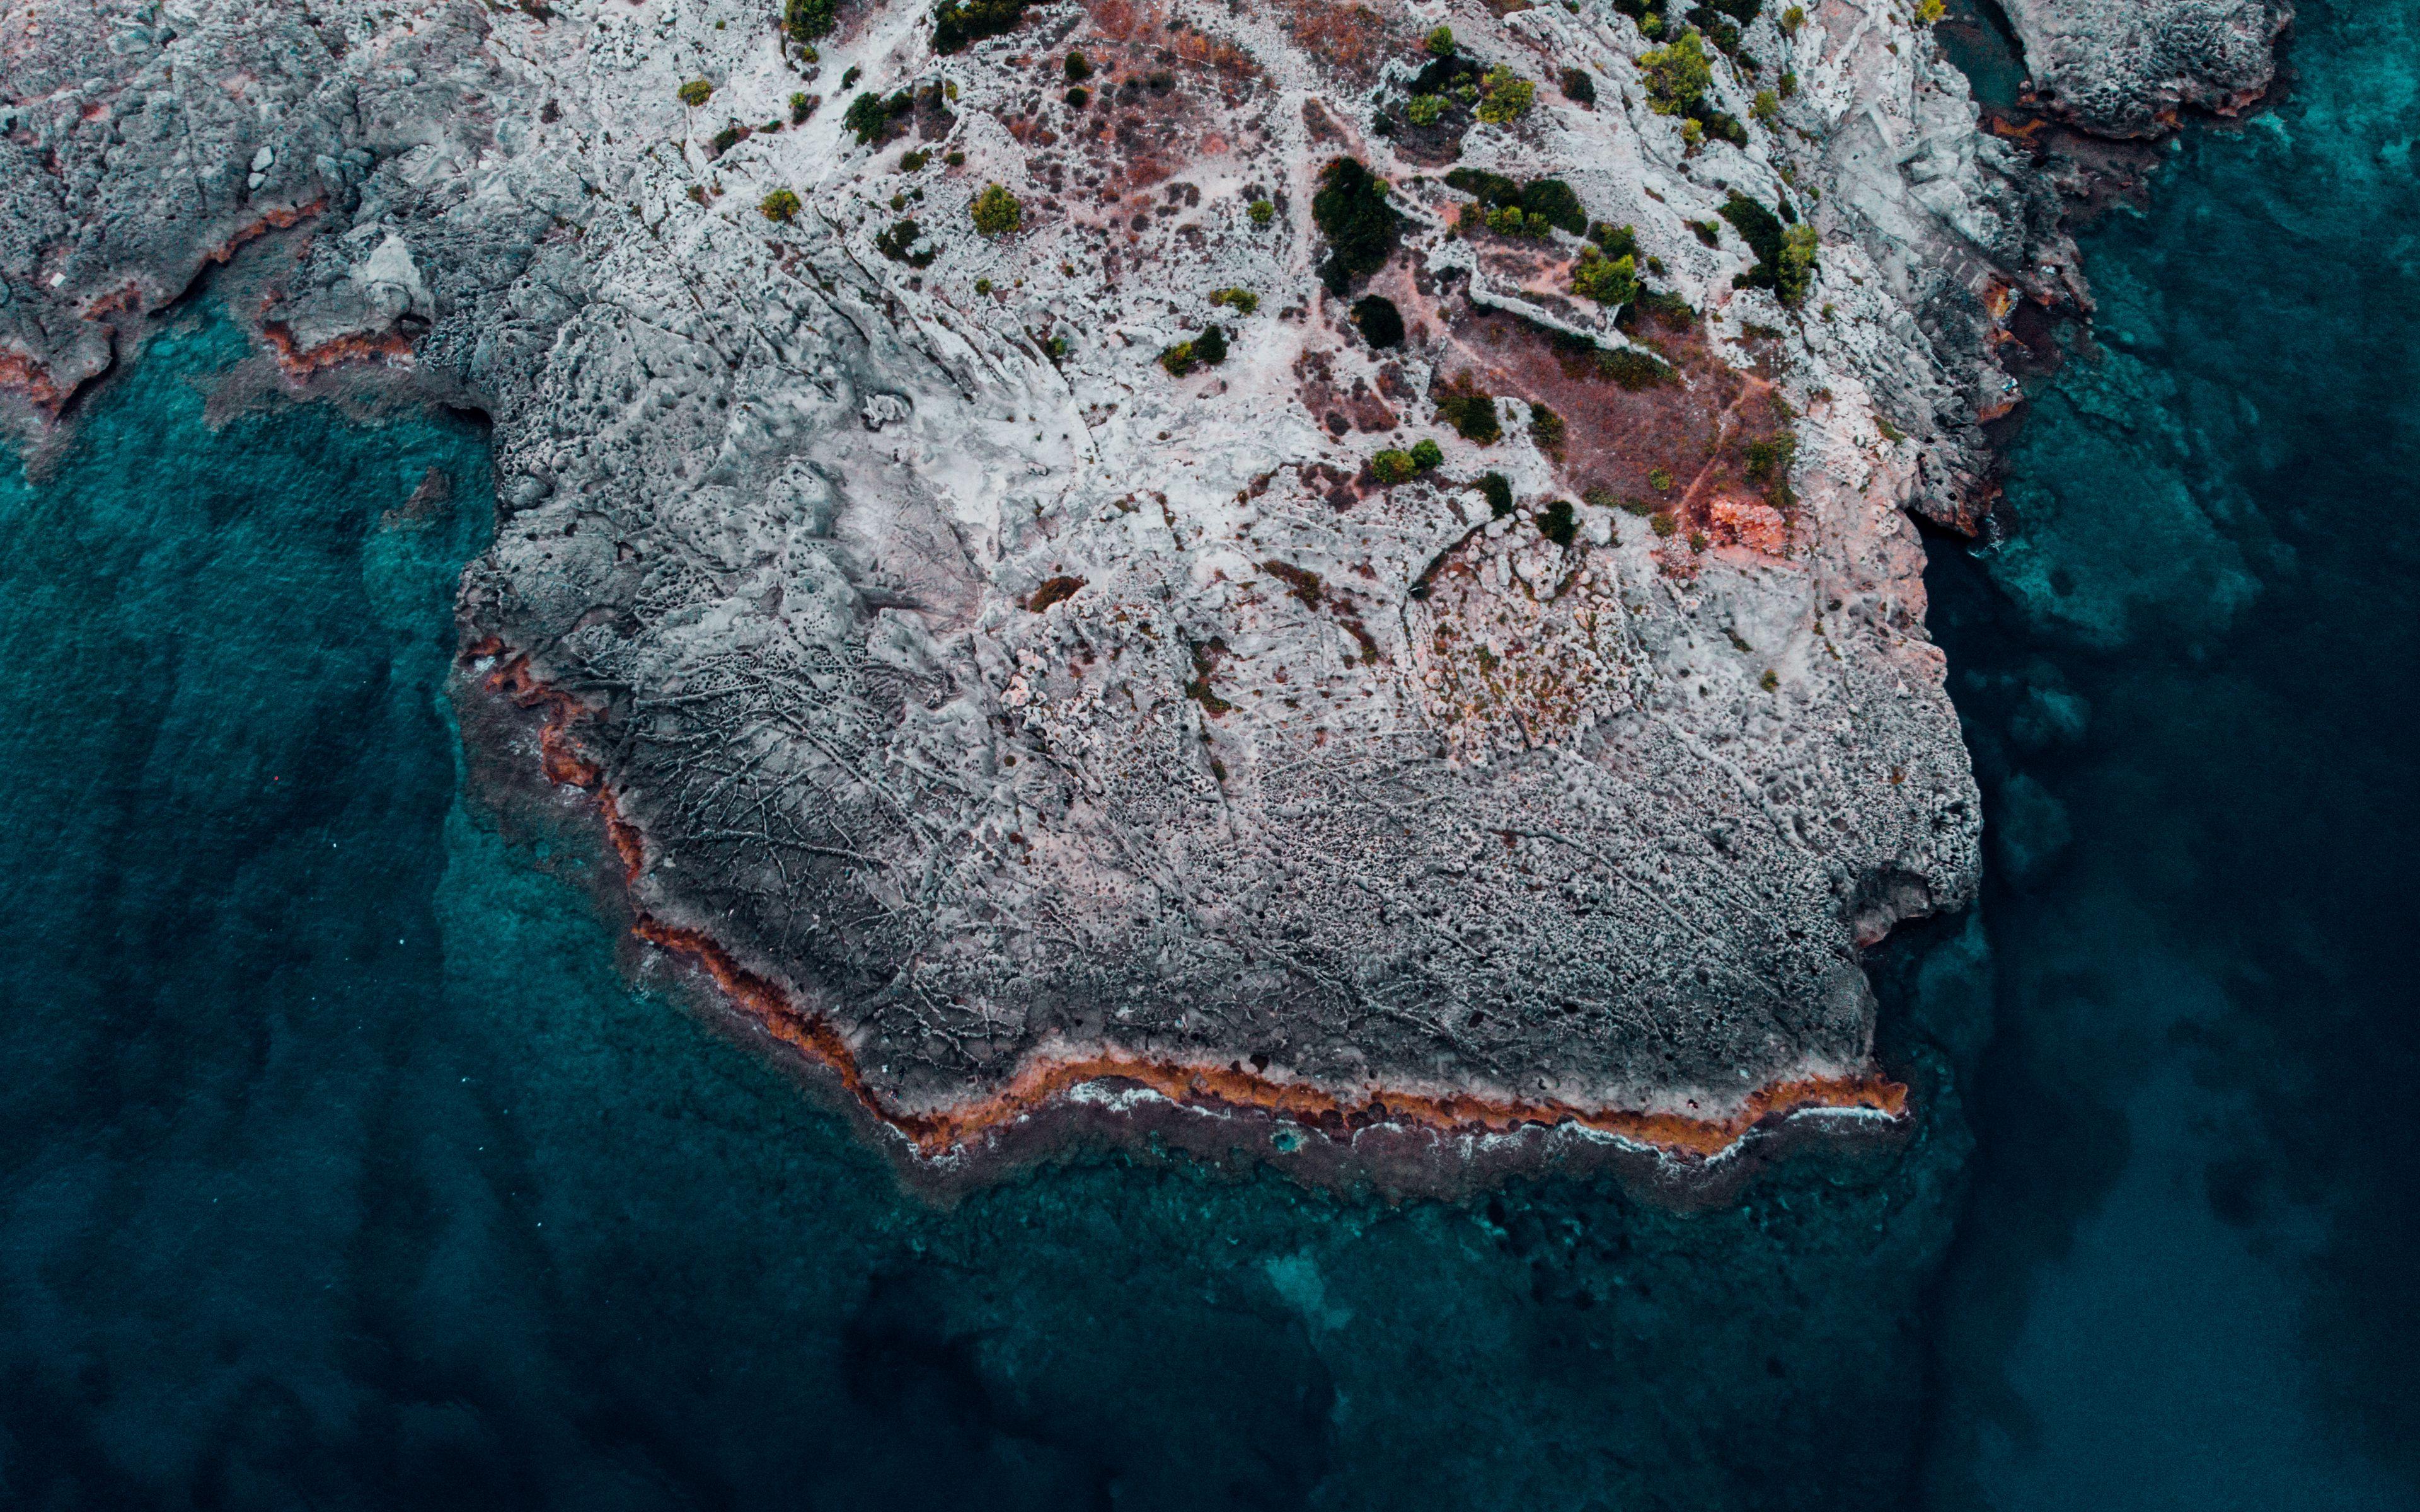 Download wallpaper 3840x2400 ocean shore aerial view water 3840x2400